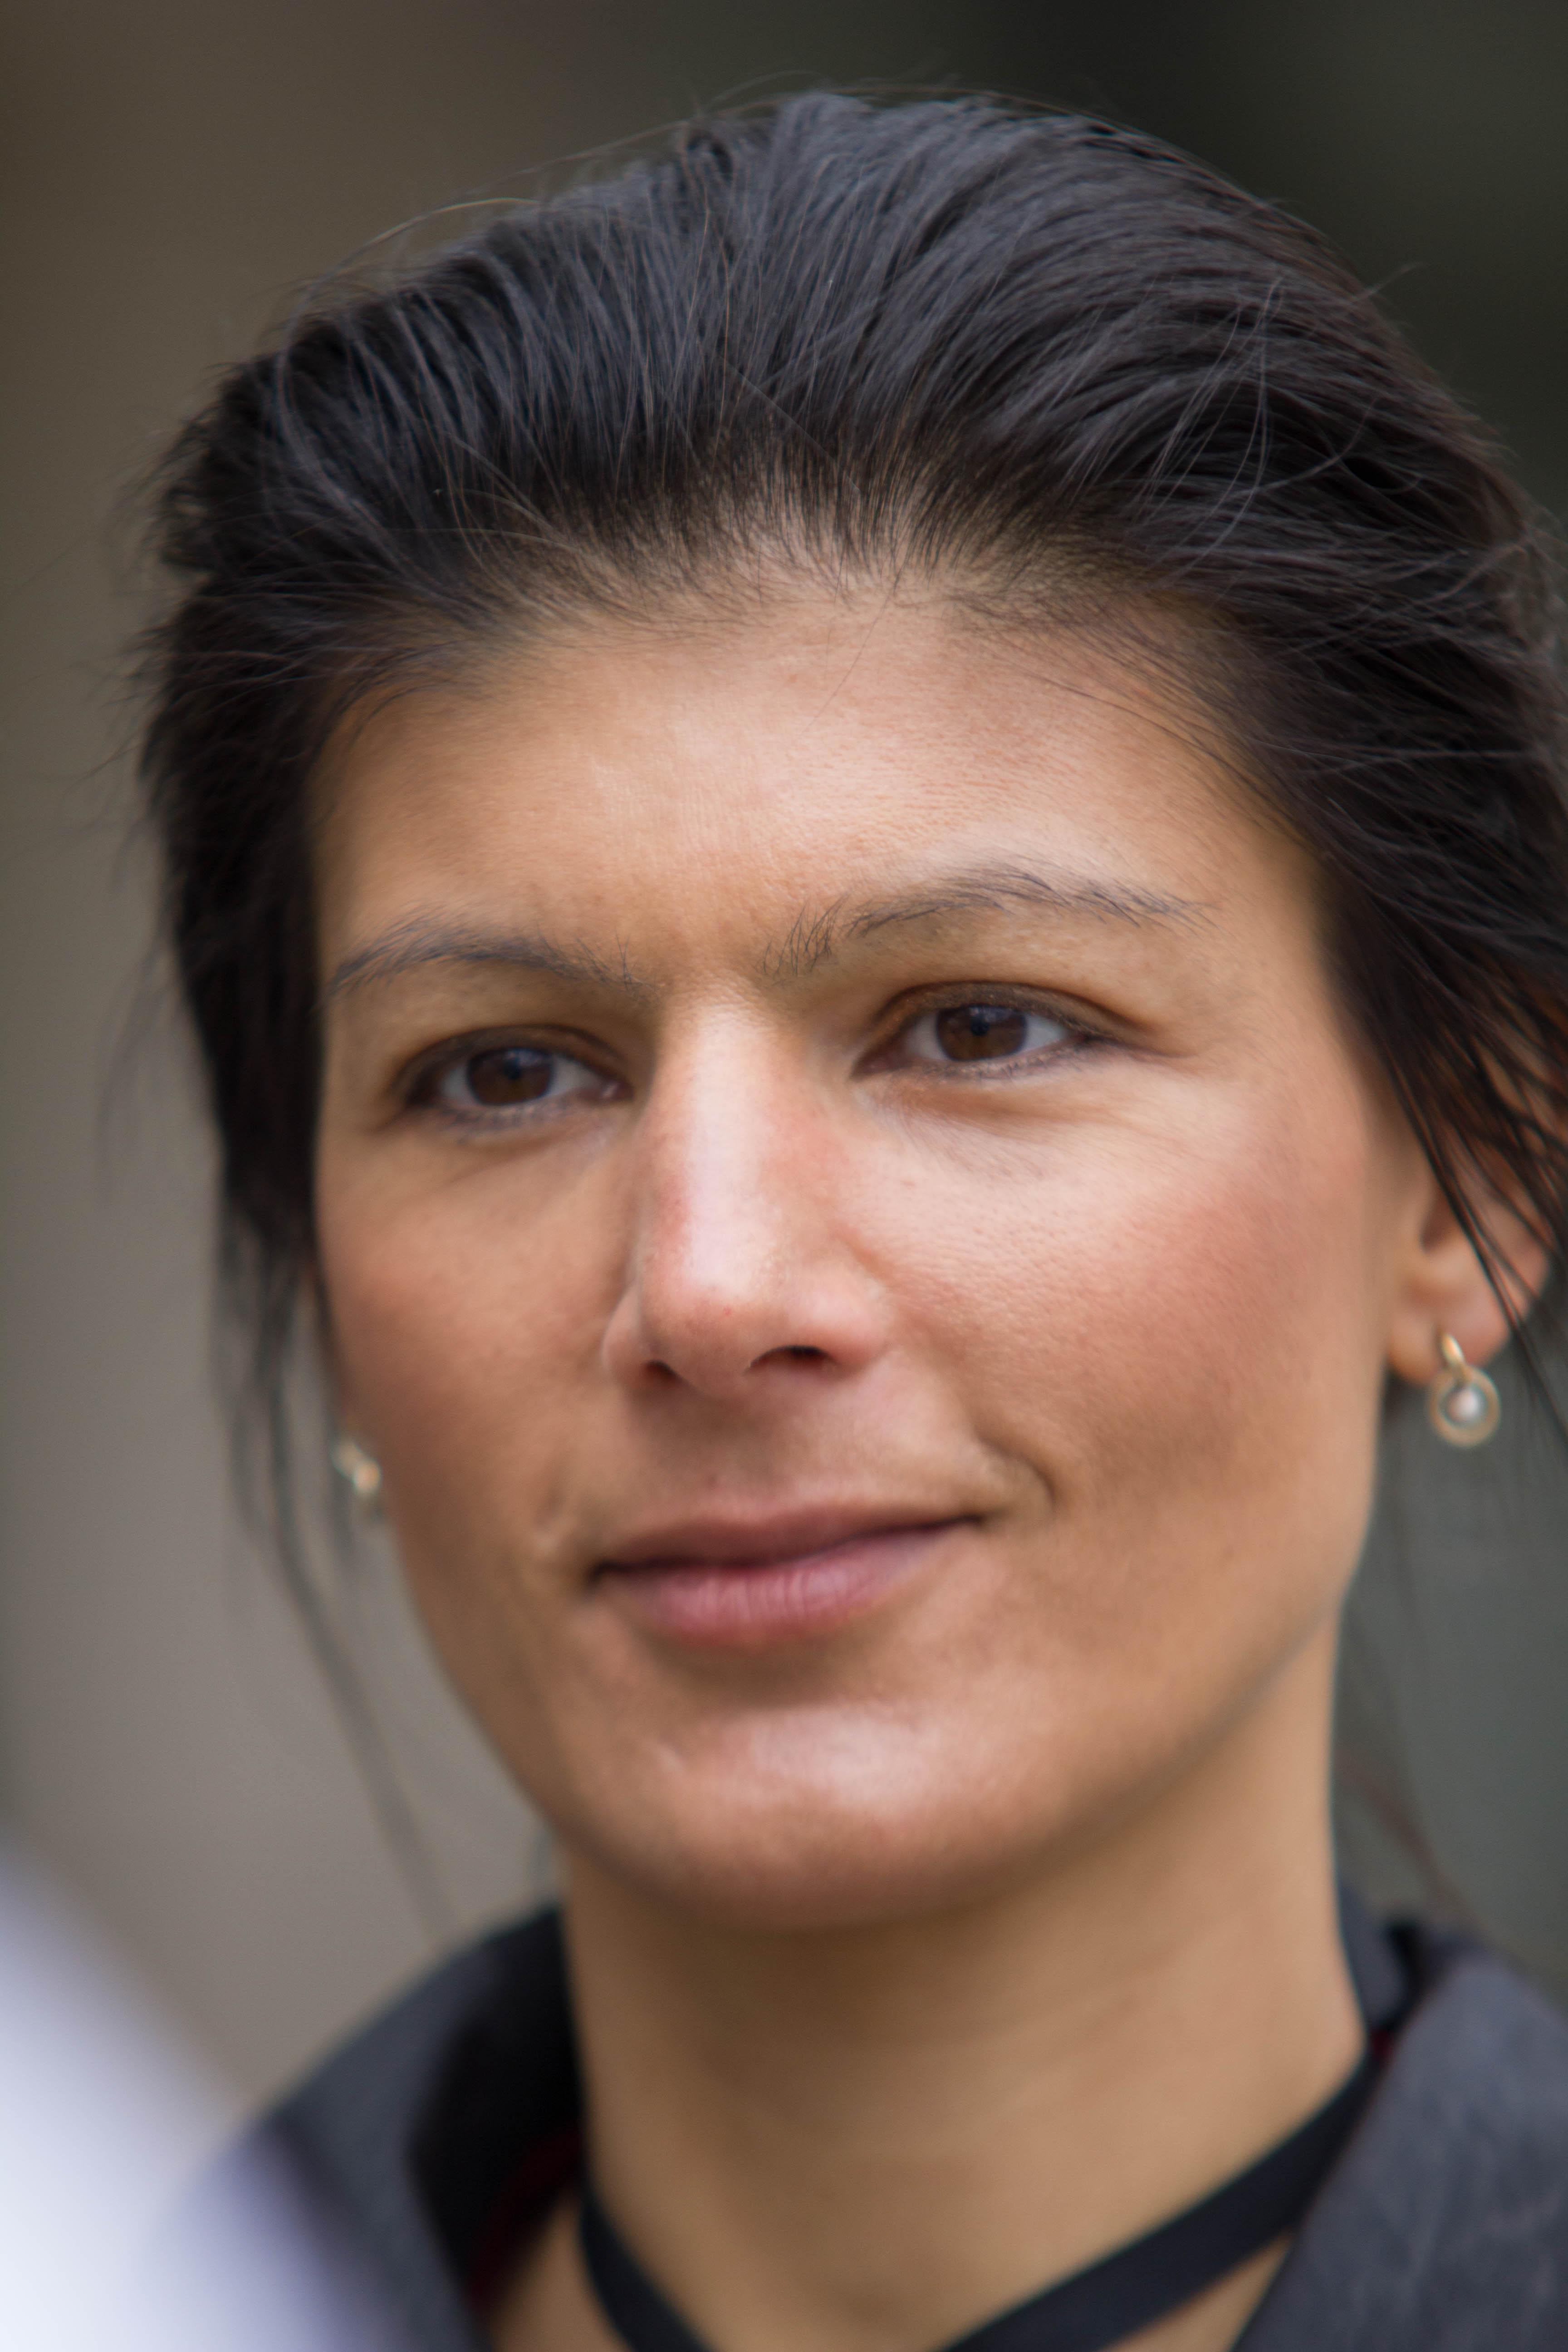 Sahra Wagenknecht – Boarische Wikipedia